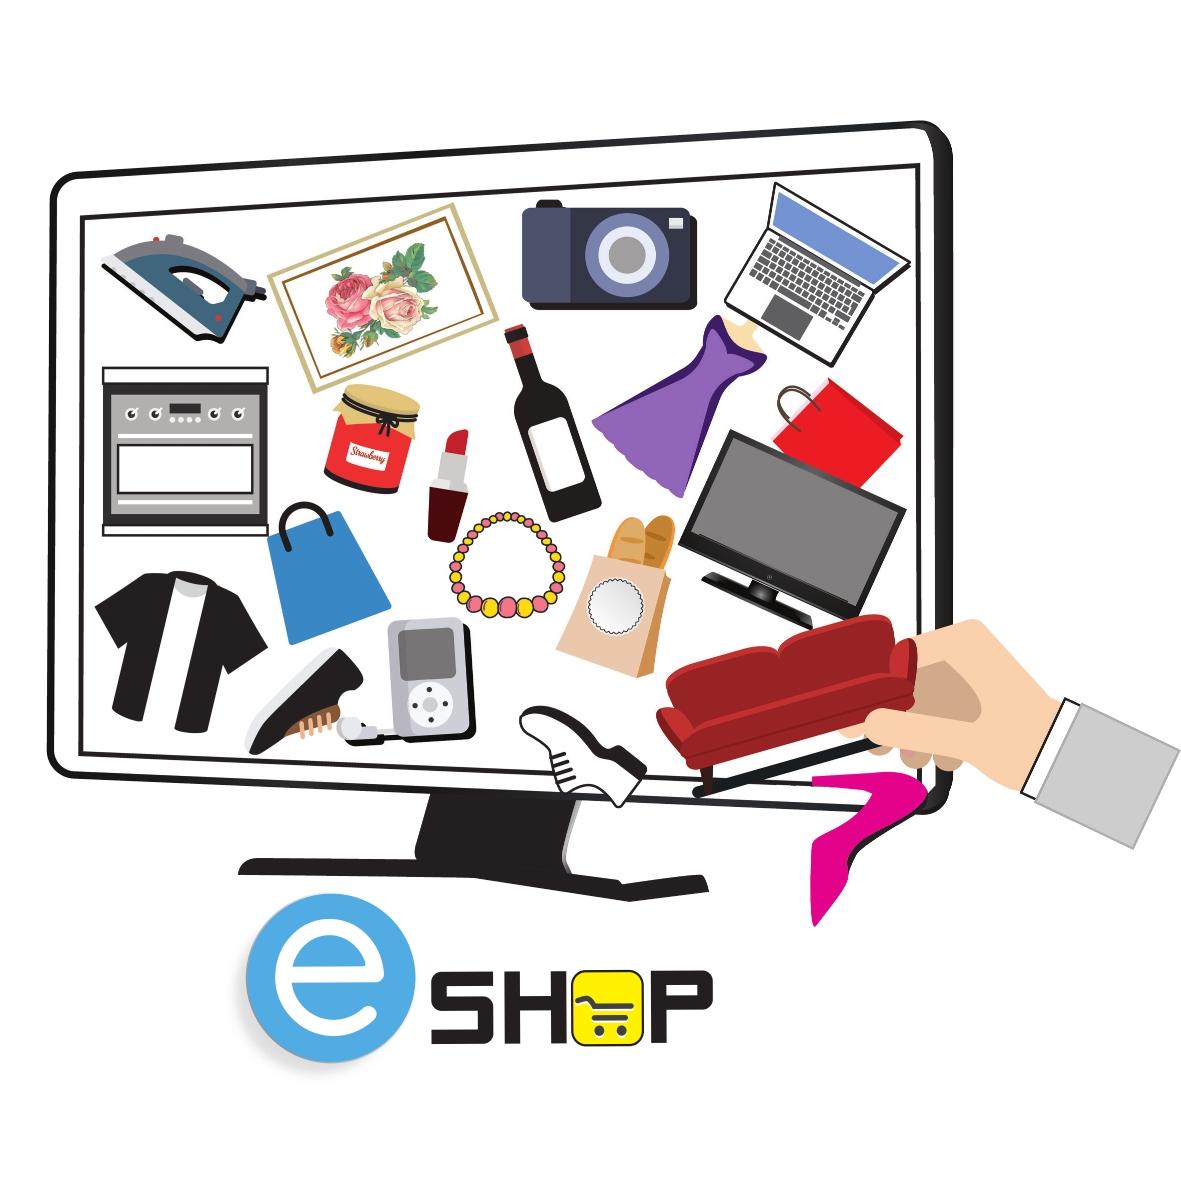 CKBSM | EShop